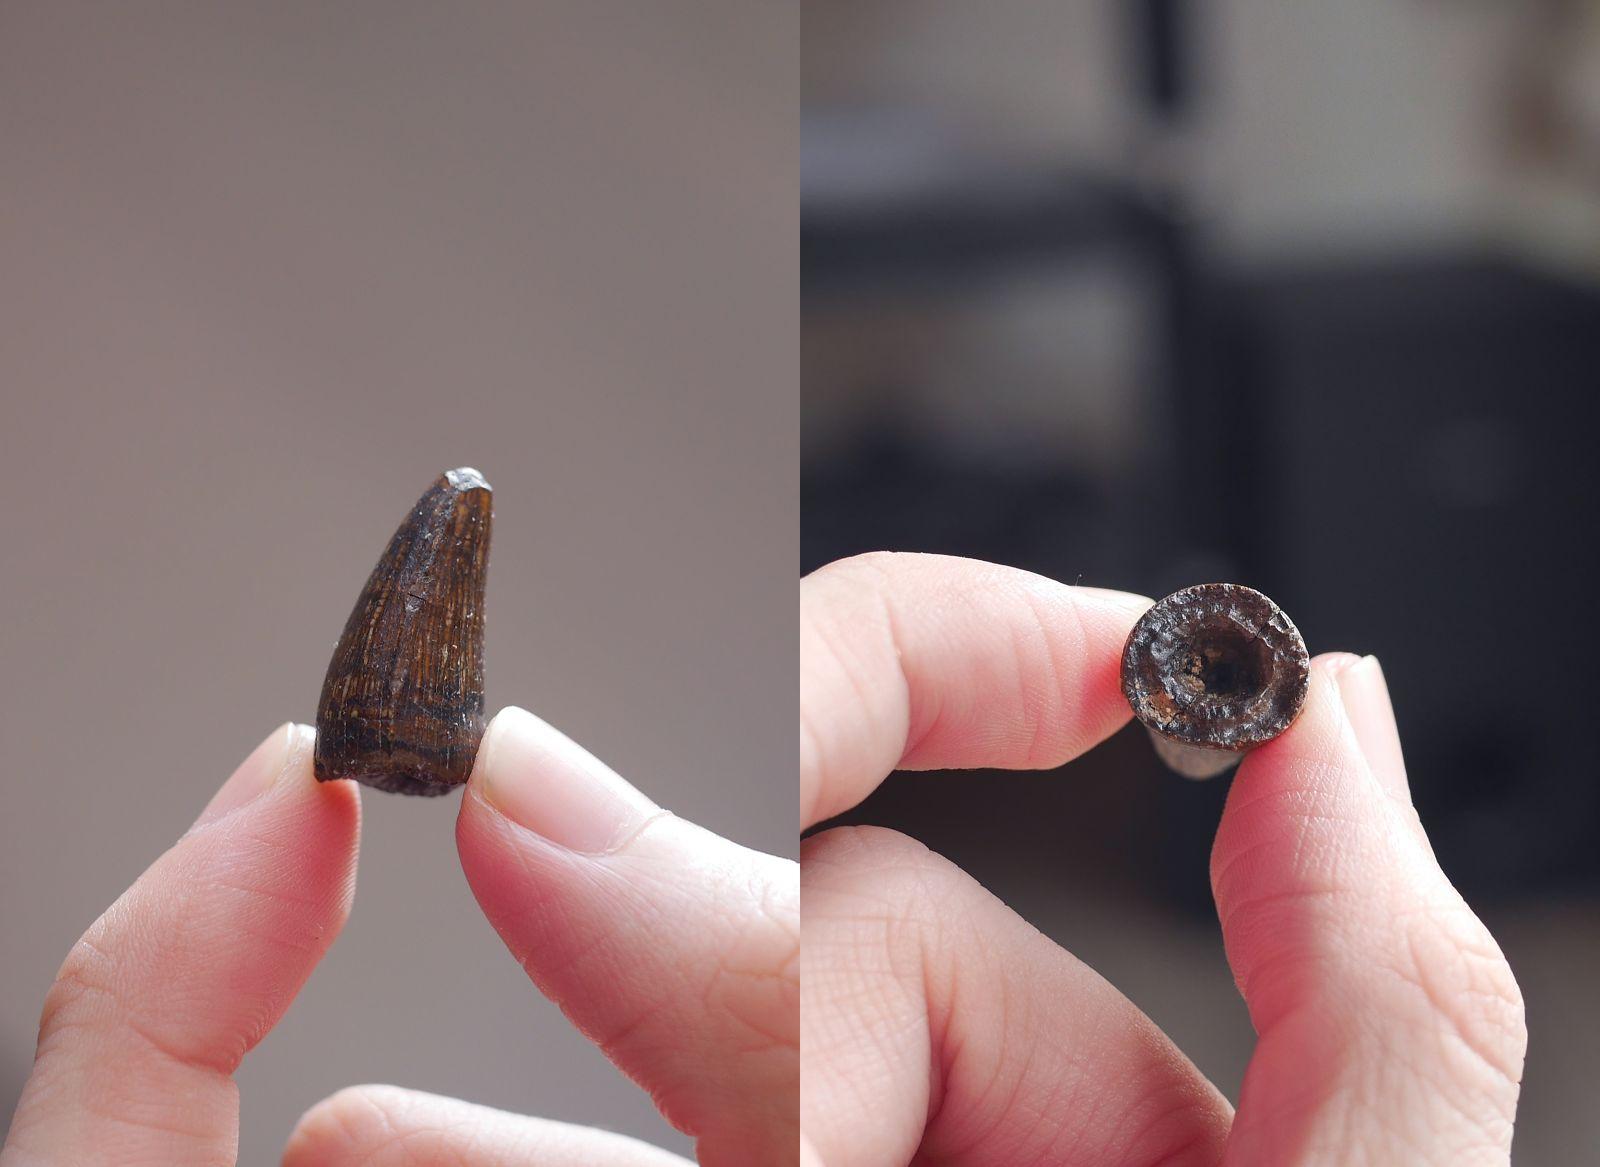 Juvenile Deinosuchus tooth